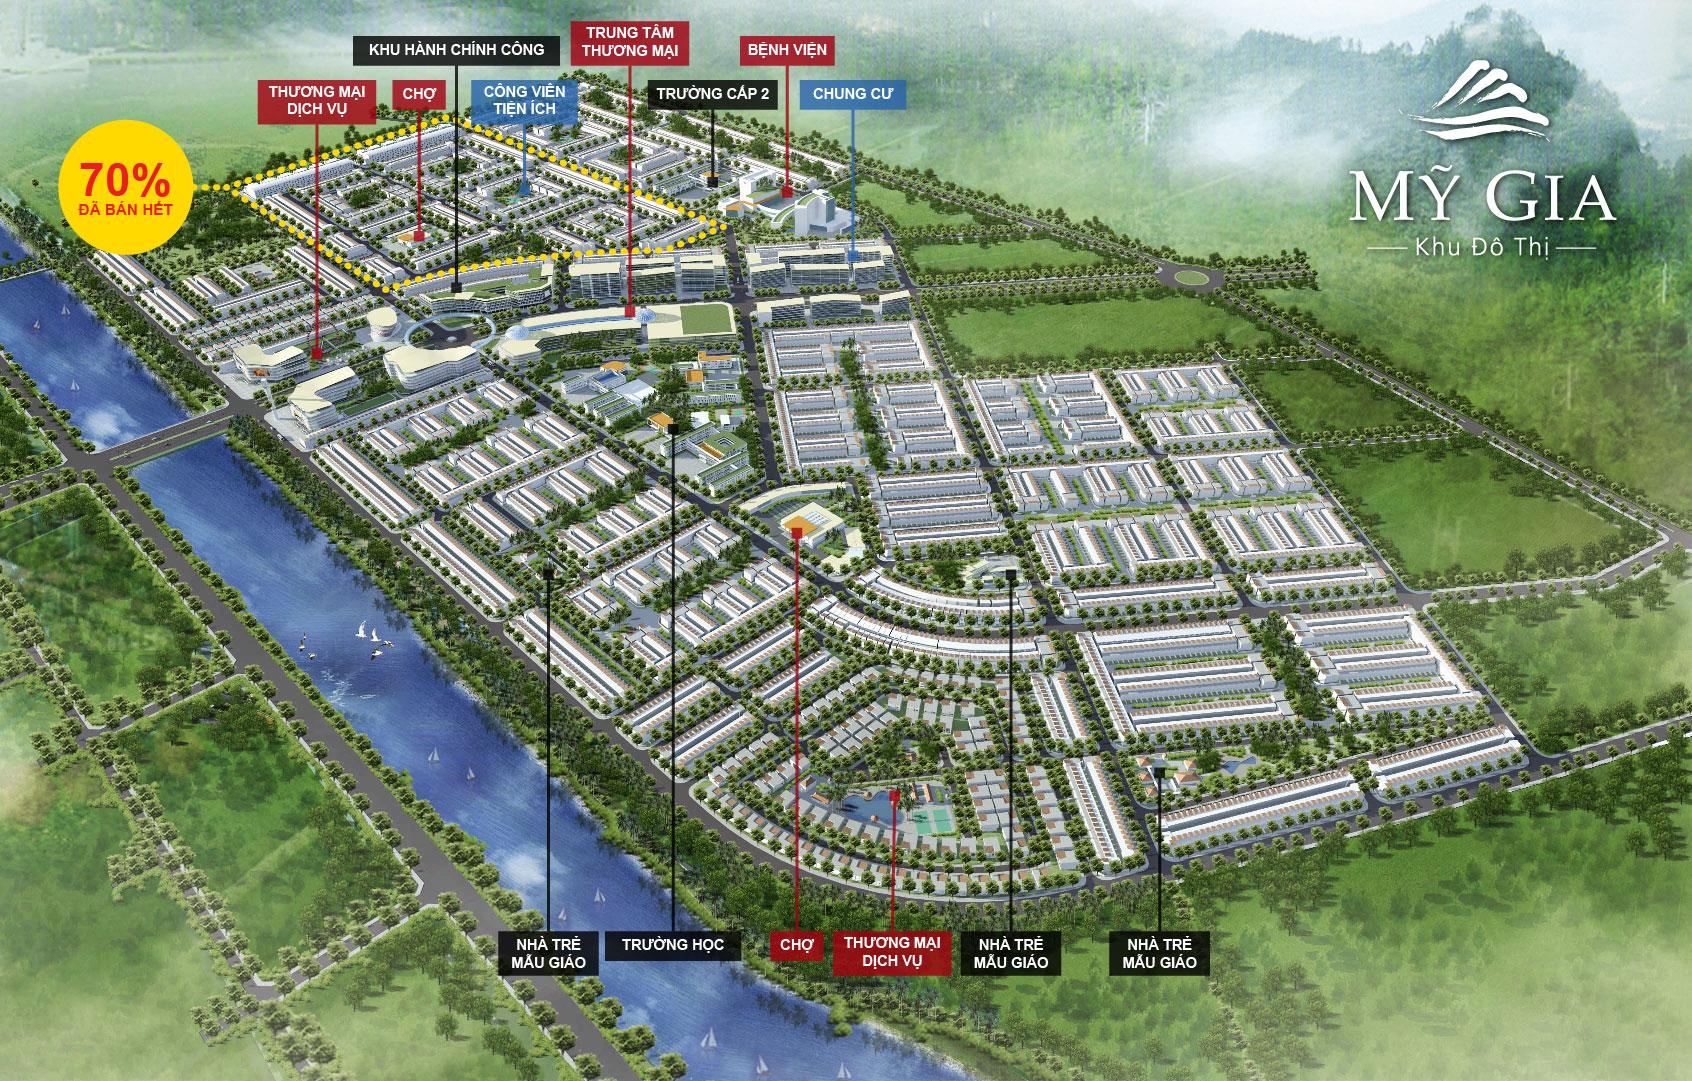 my gia quy hoach tong the 1395391872 Tổng quan và quy mô khu đô thị Mỹ Gia